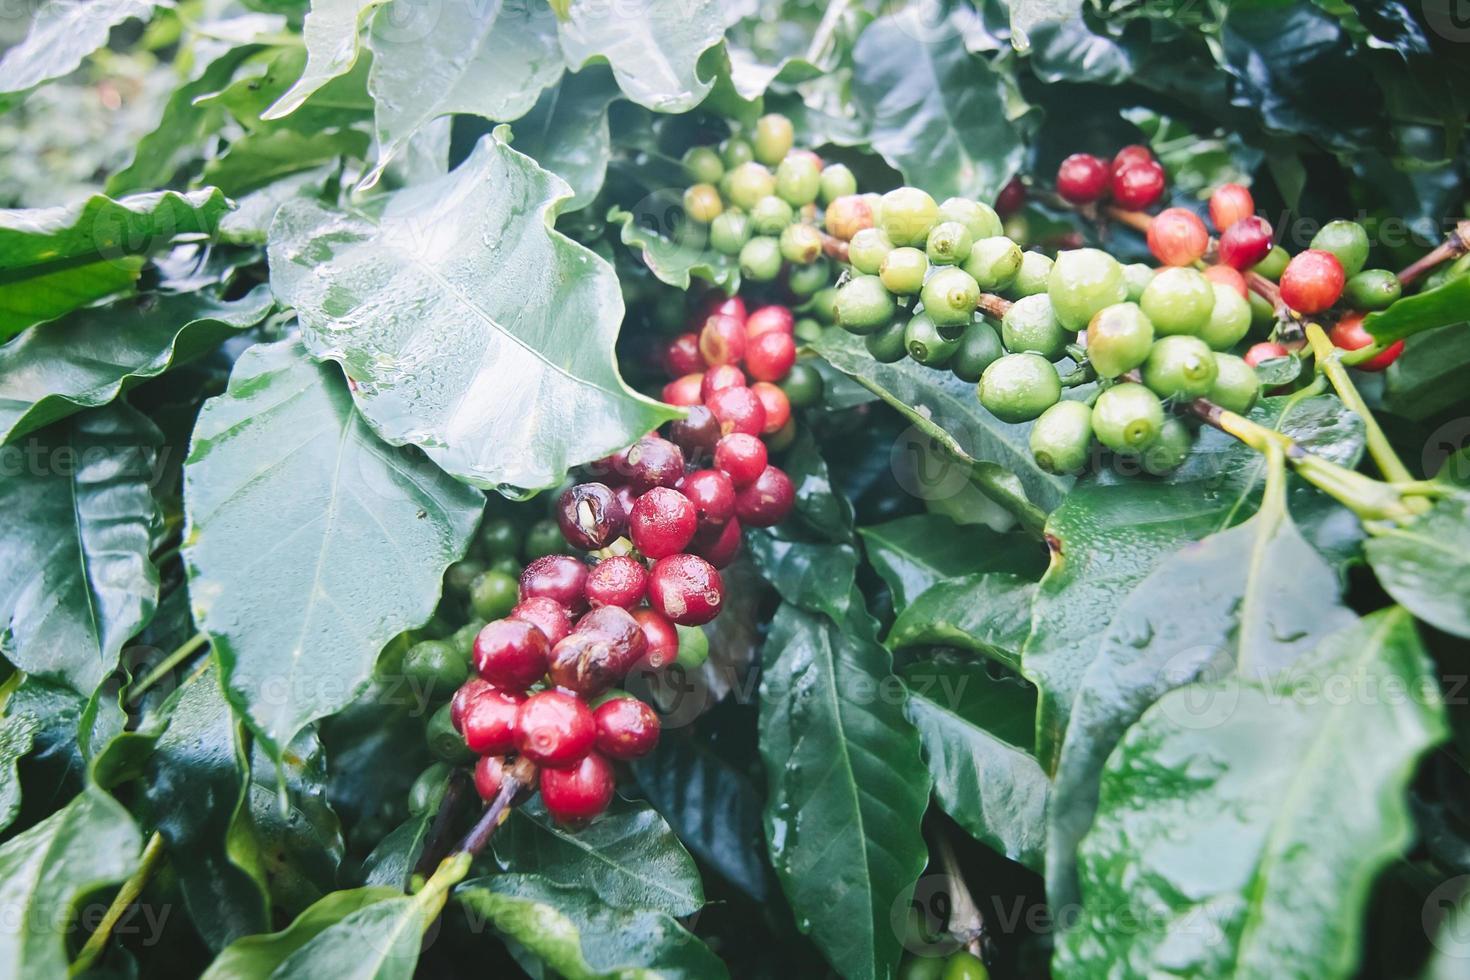 árvore de café com frutos maduros na fazenda. foto